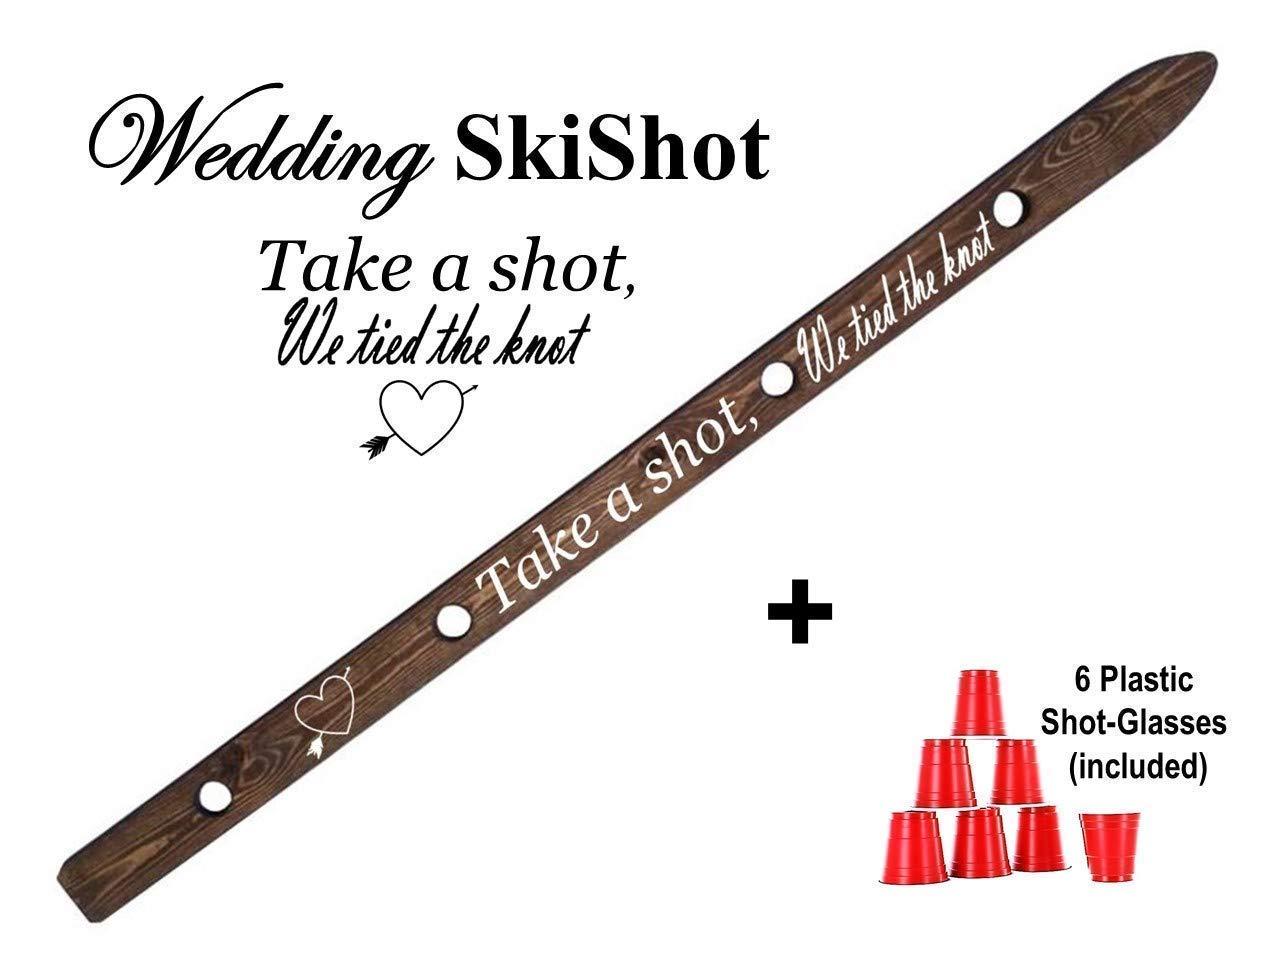 Wedding Ski Shot Shot Board